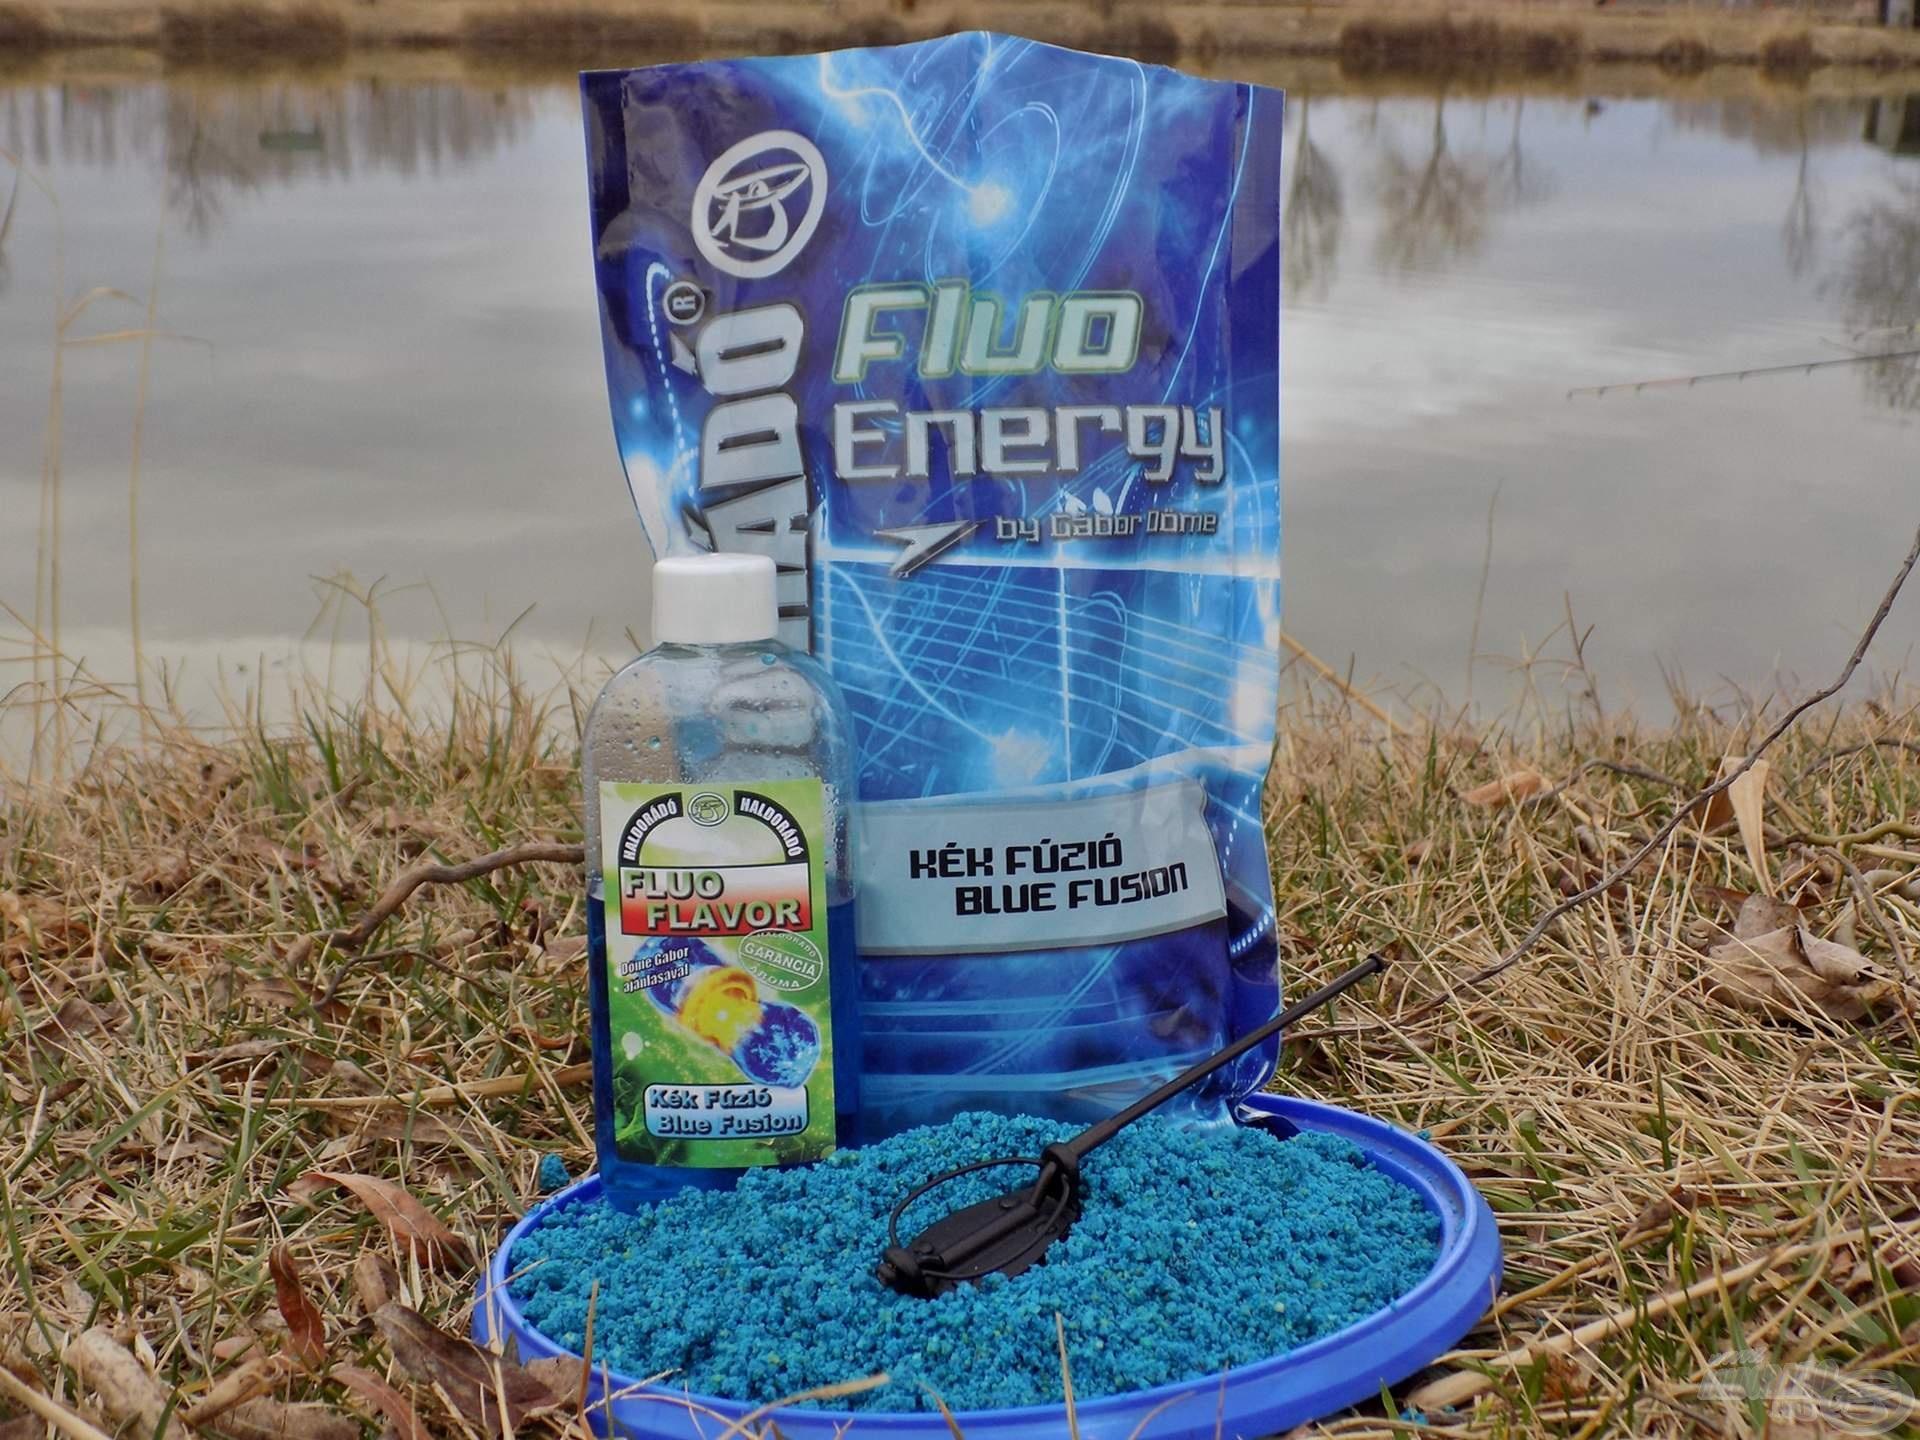 A másik kosárba Fluo Energy - Kék Fúzió etetőanyag került, amihez az – ízben hozzá passzoló – Fluo Flavor aromát adagoltam